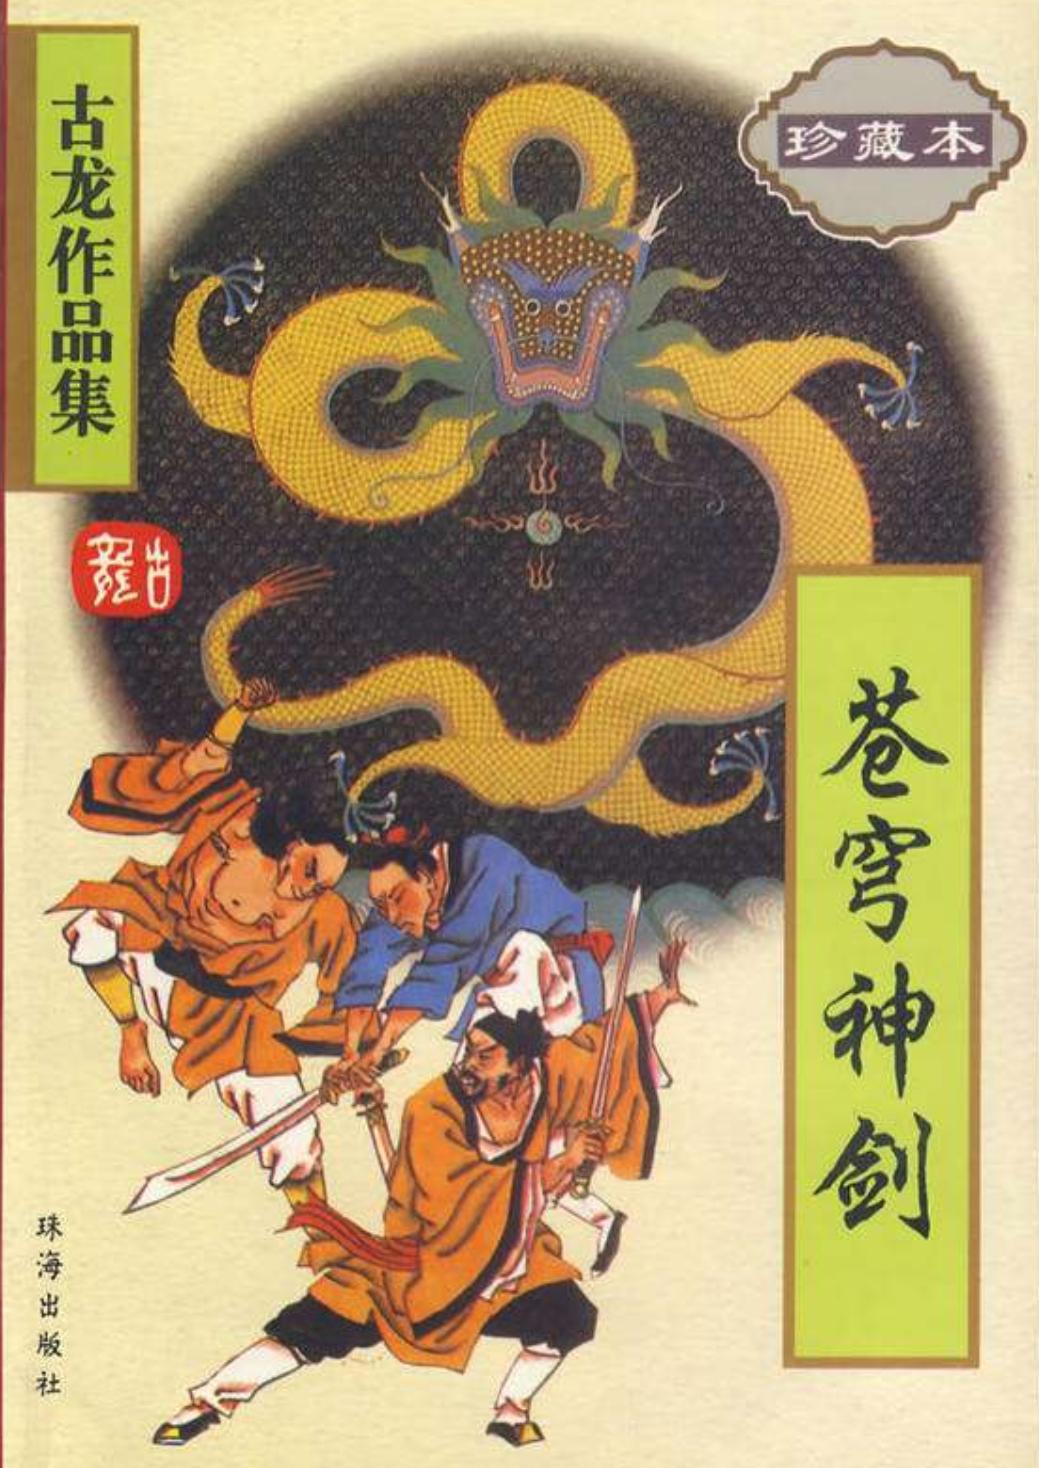 苍穹神剑-酷乐米